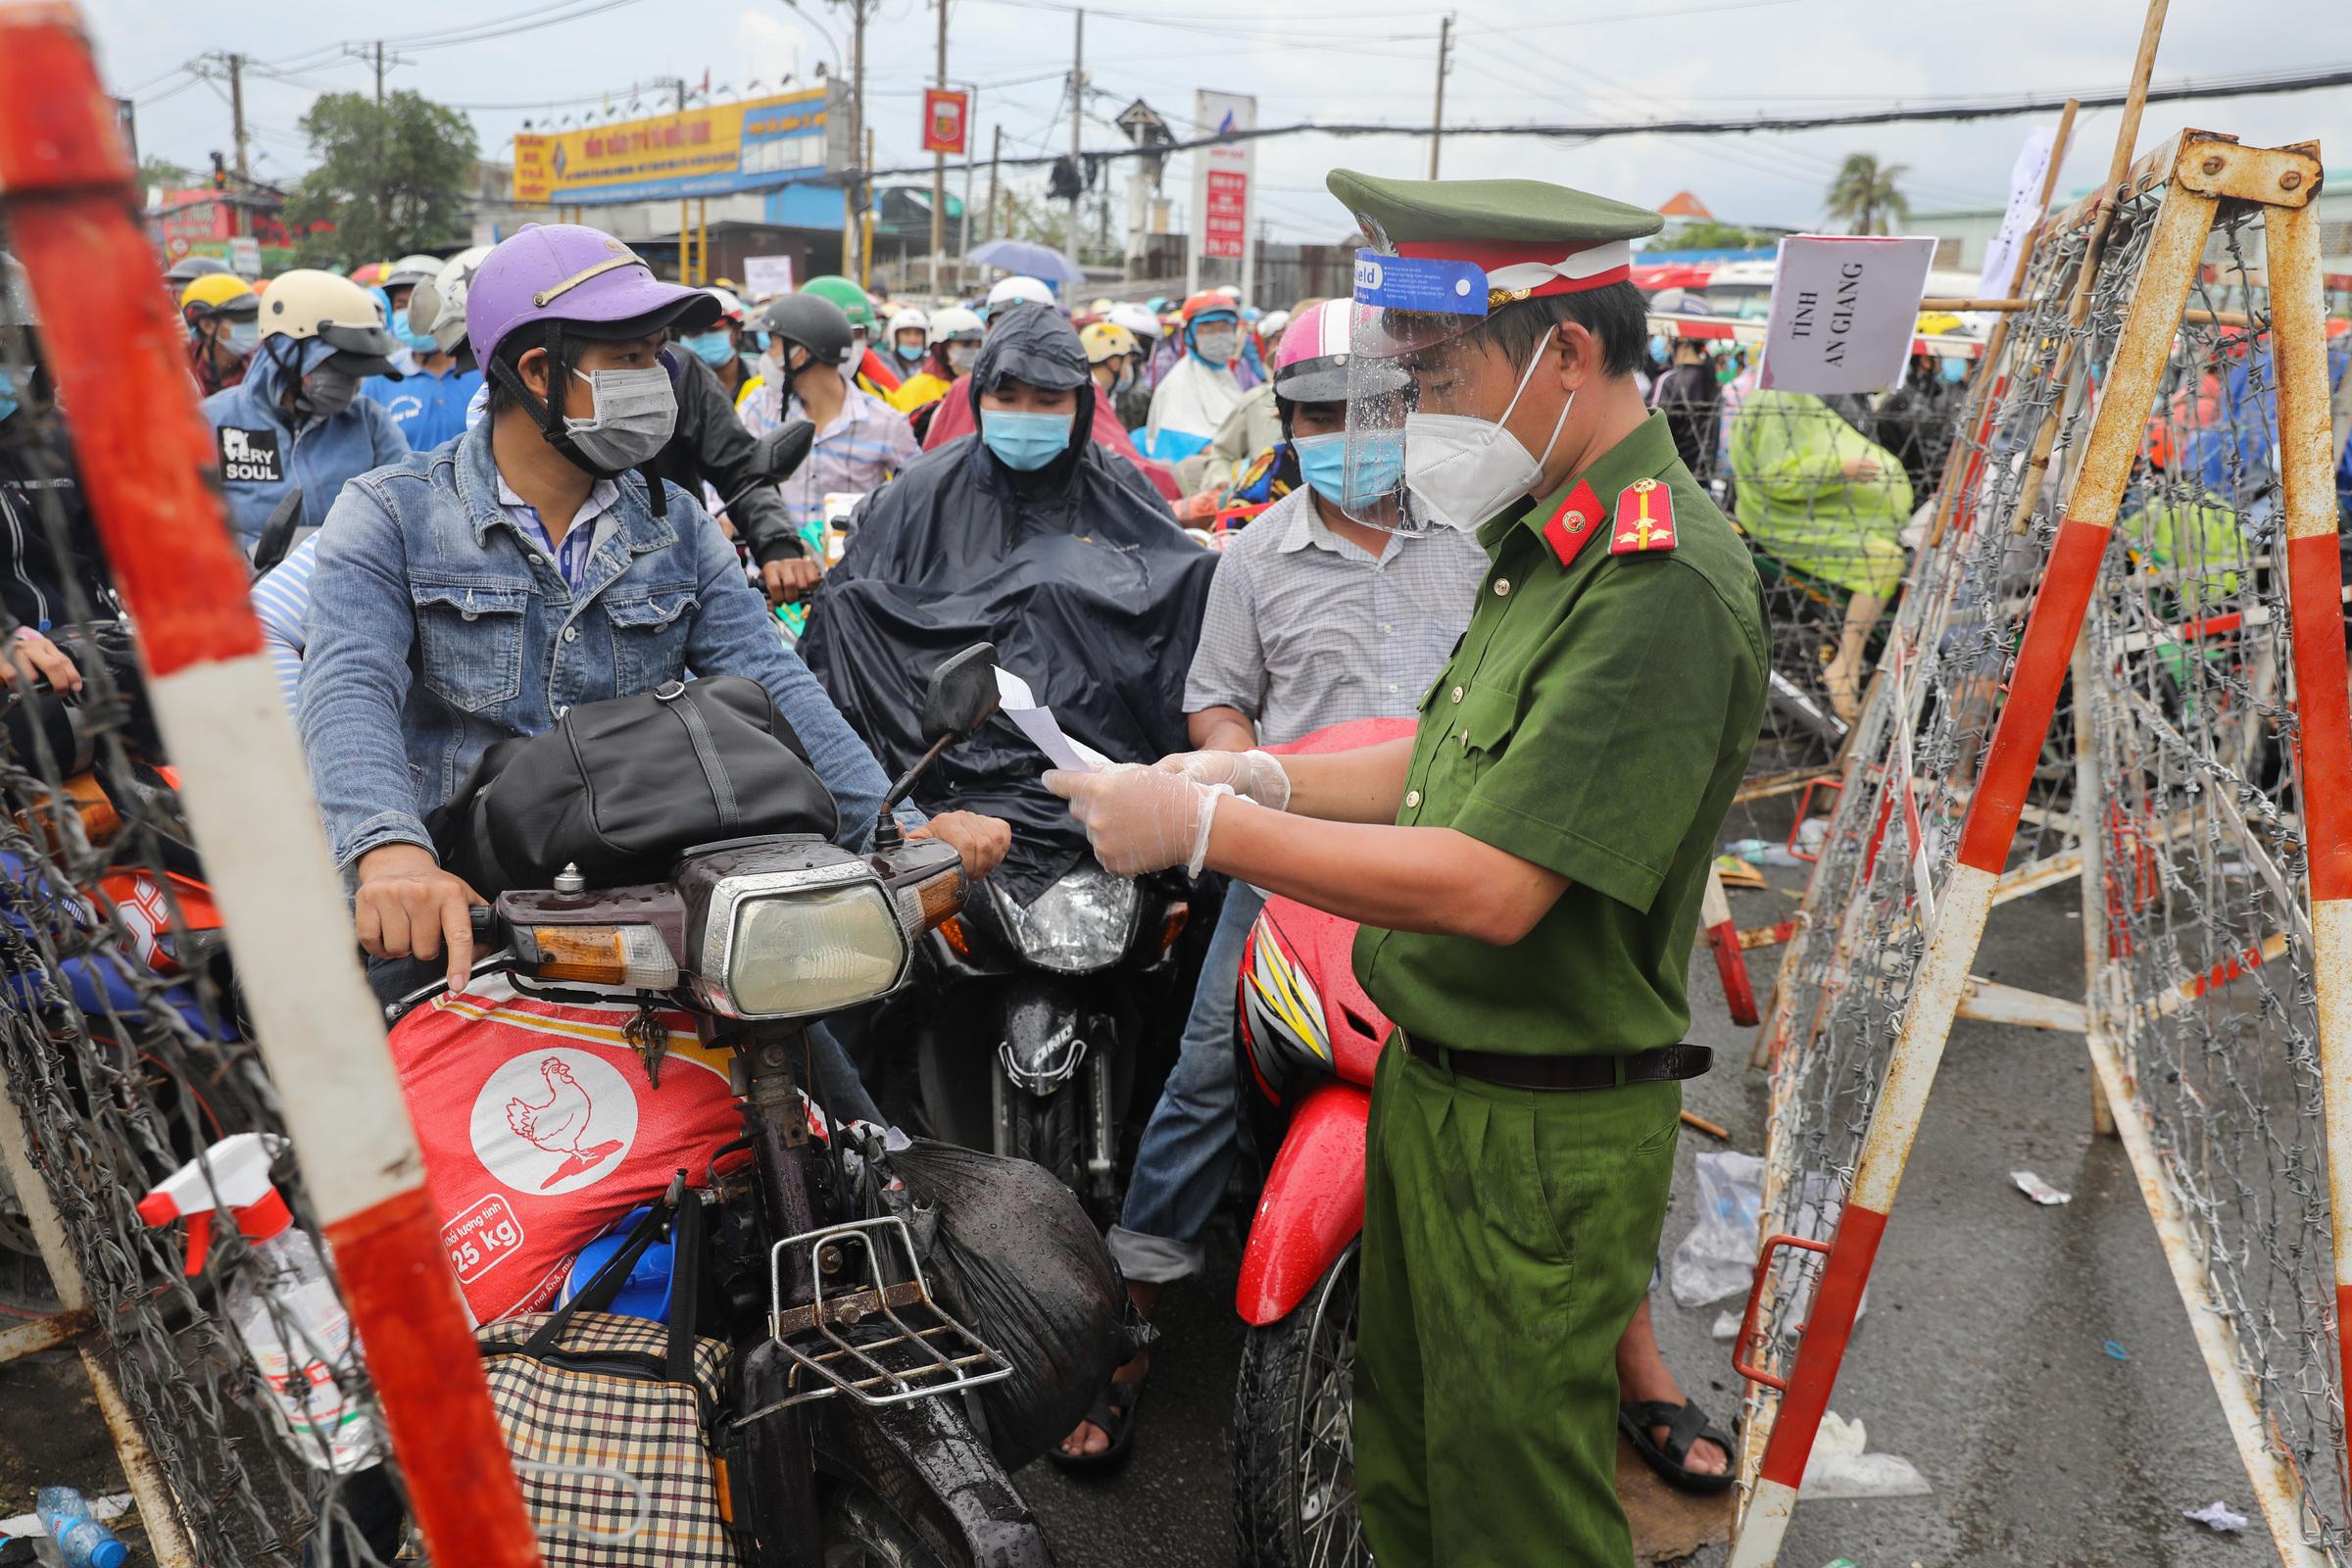 Người dân chờ ở chốt kiểm soát trên quốc lộ 1A, huyện Bình Chánh TP HCM để chờ về quê ngày 1/10. Ảnh: Quỳnh Trần